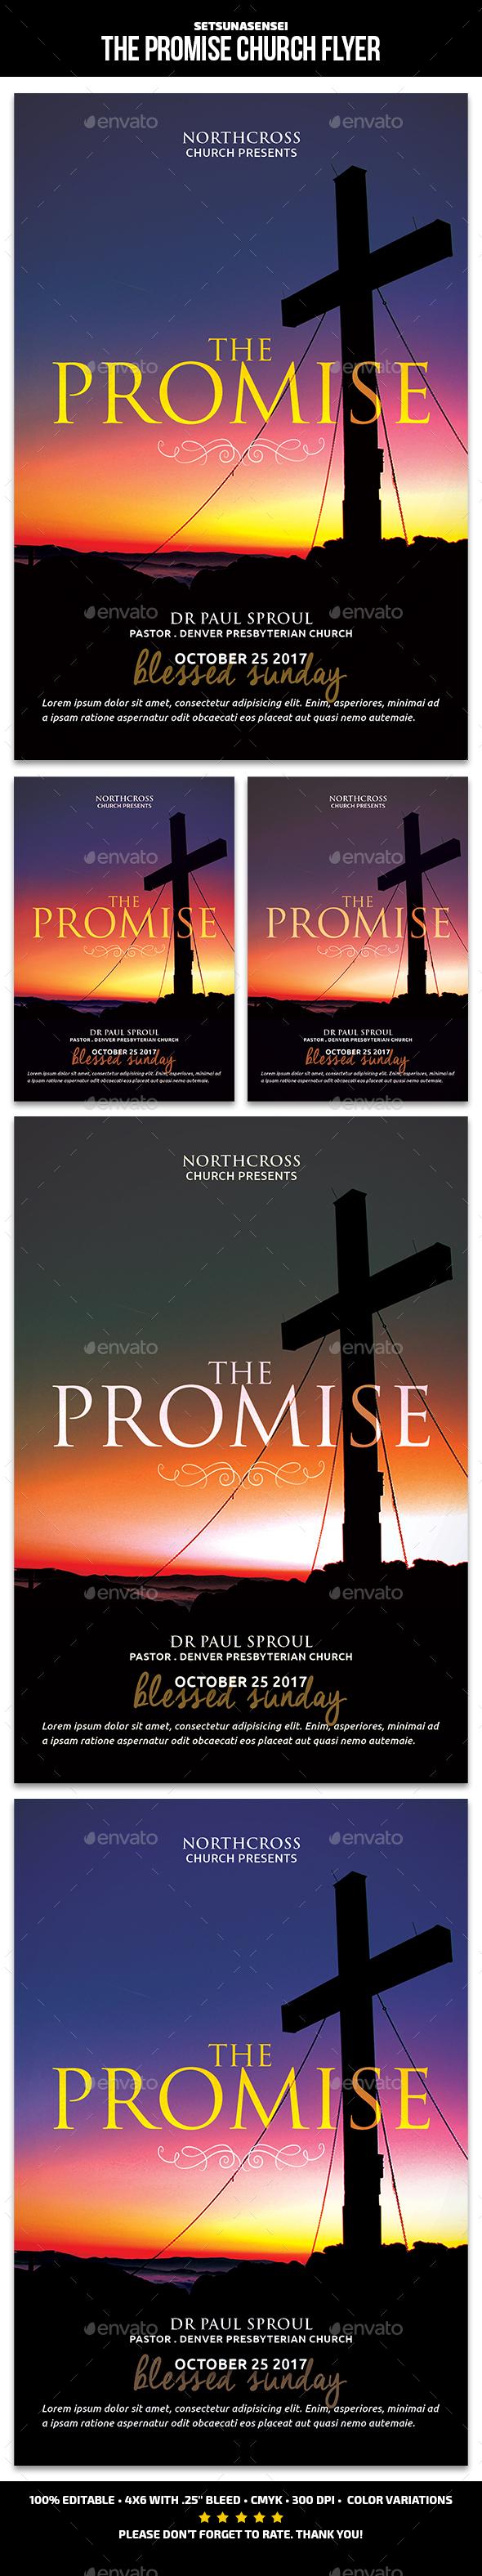 The Promise Church Flyer - Church Flyers